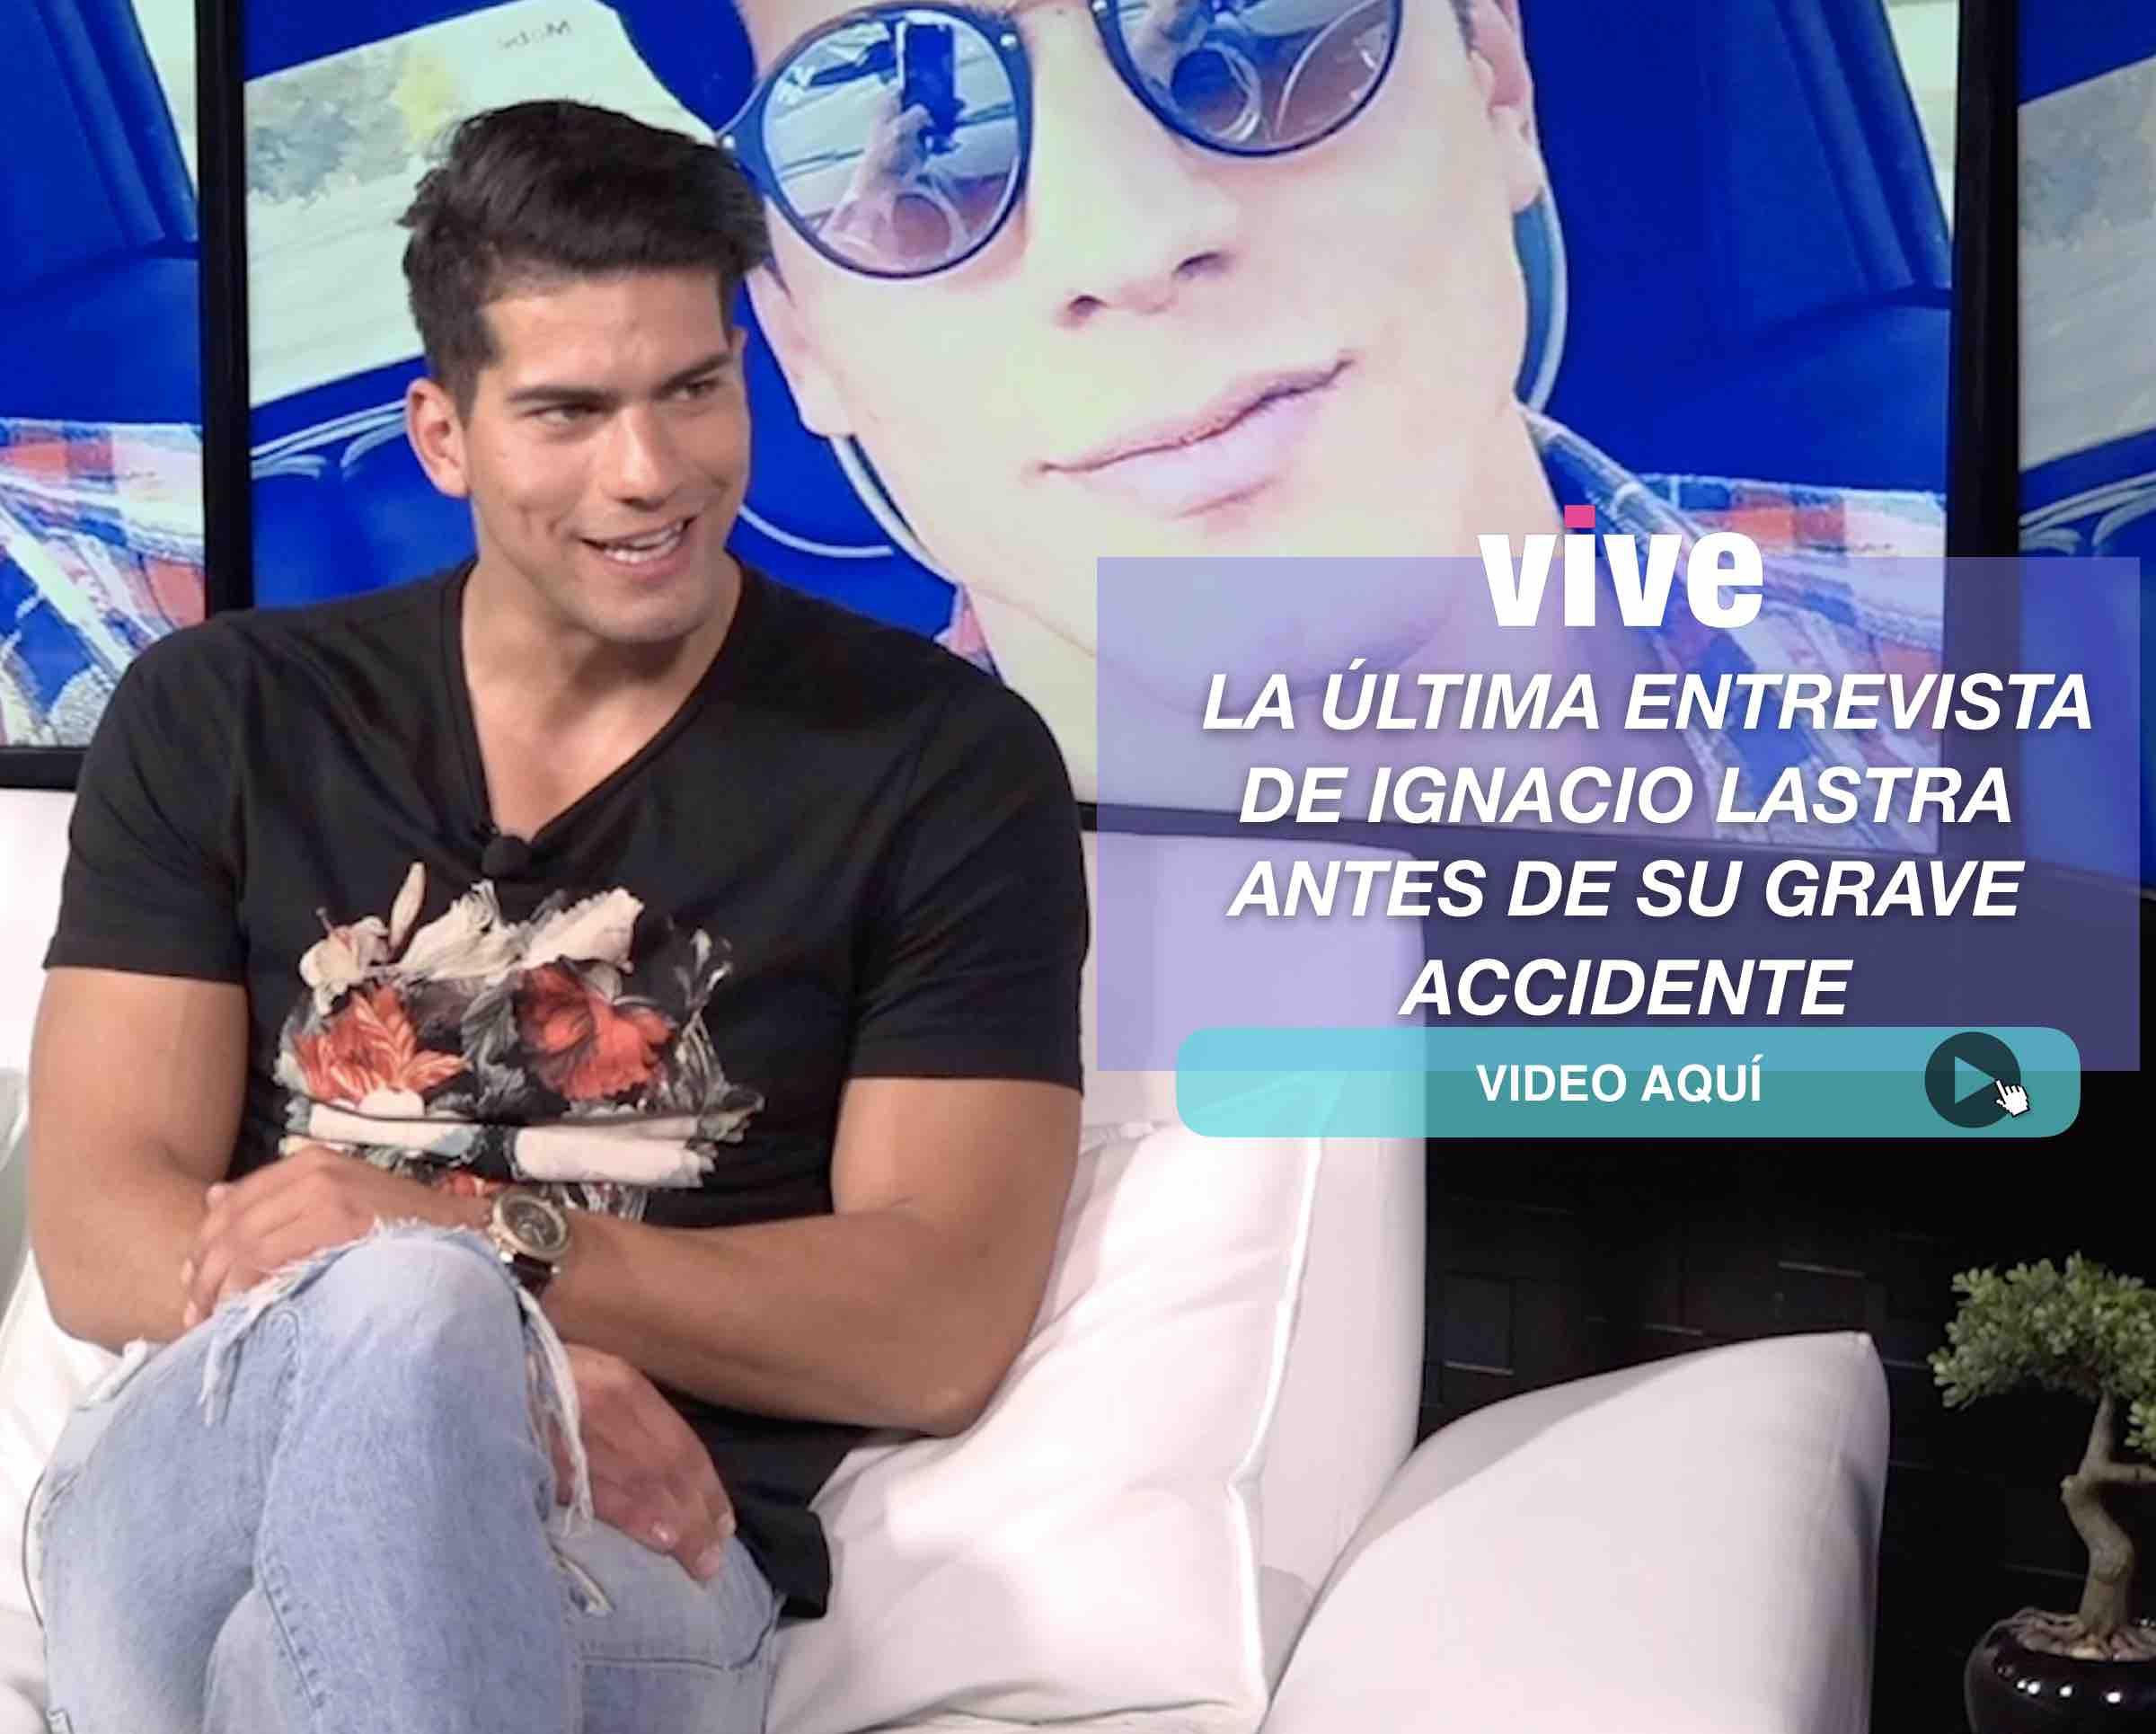 Vanguardistas. La entrevista de Ignacio Lastra horas antes de su grave accidente